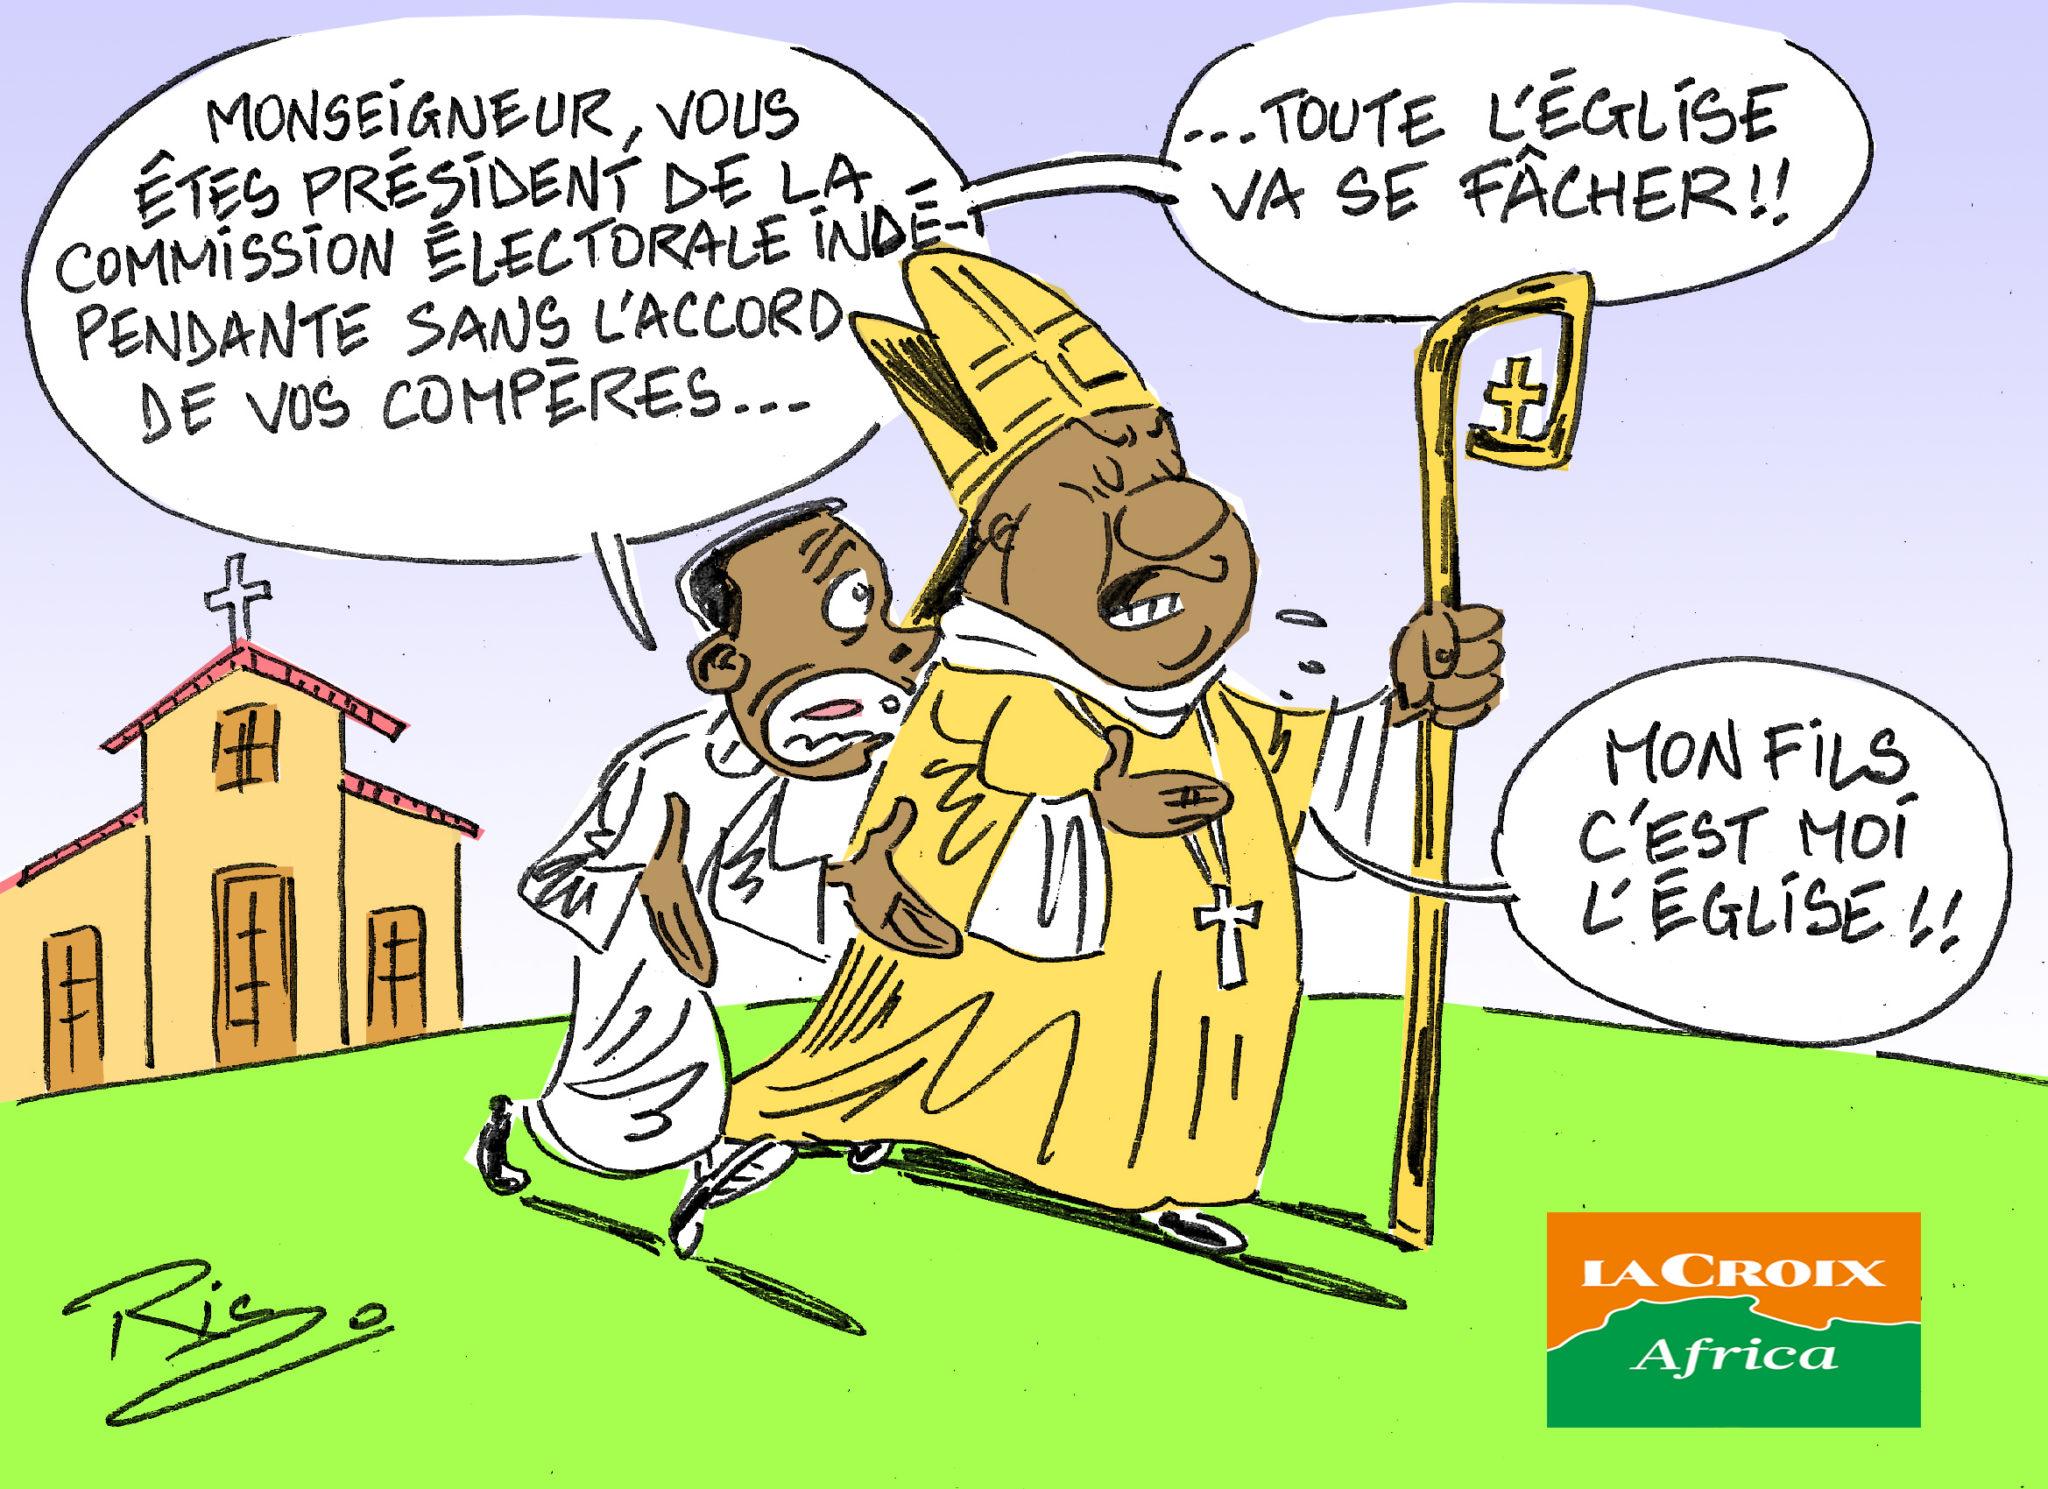 L'œil de Ric: Mandat de pouvoir civil ou politique et ministère sacerdotal sont-ils compatibles?